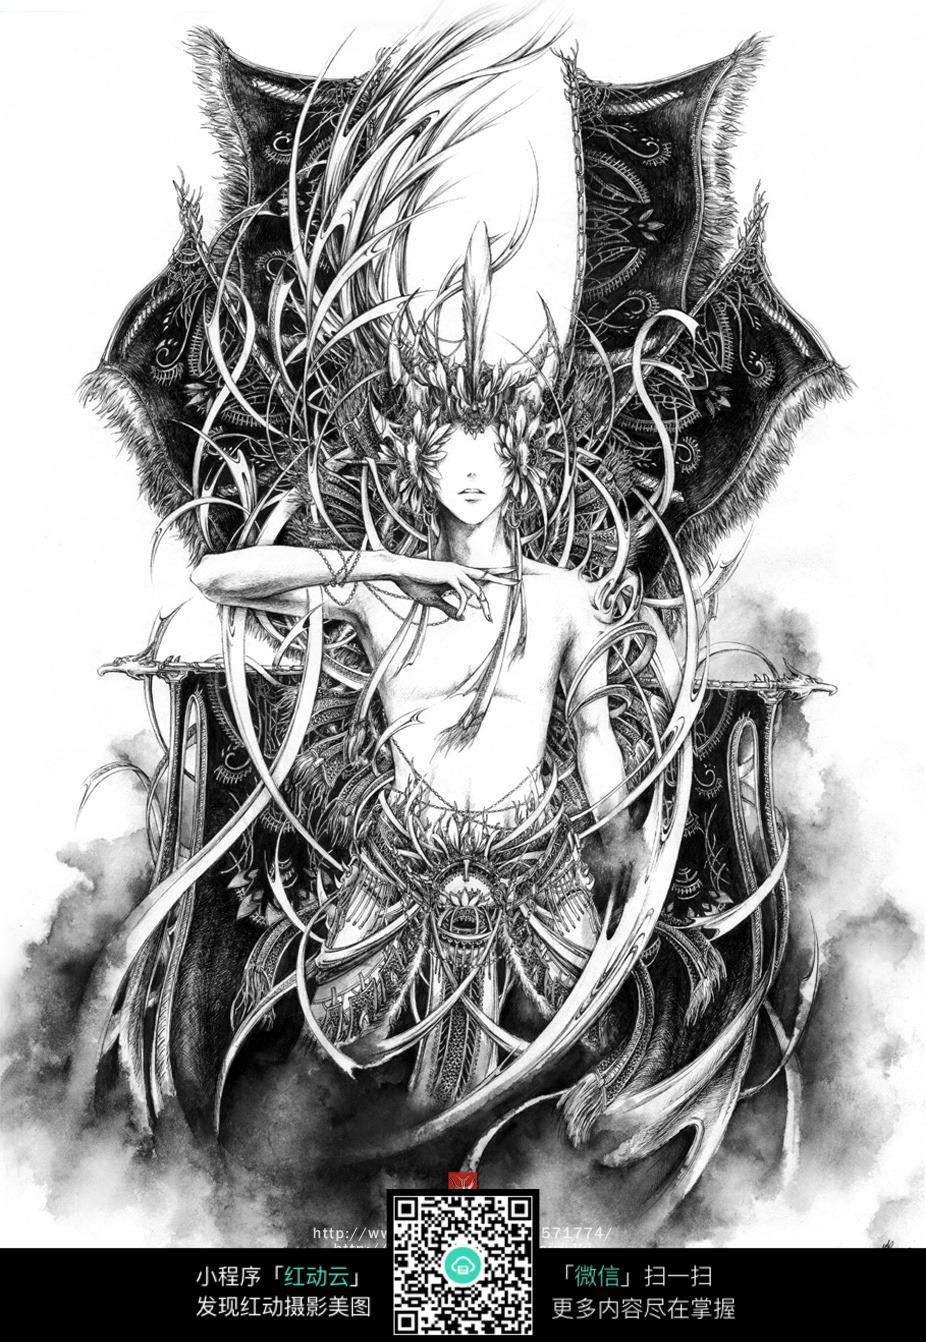 免费素材 图片素材 漫画插画 人物卡通 《天枢》创意美手黑白水素描画